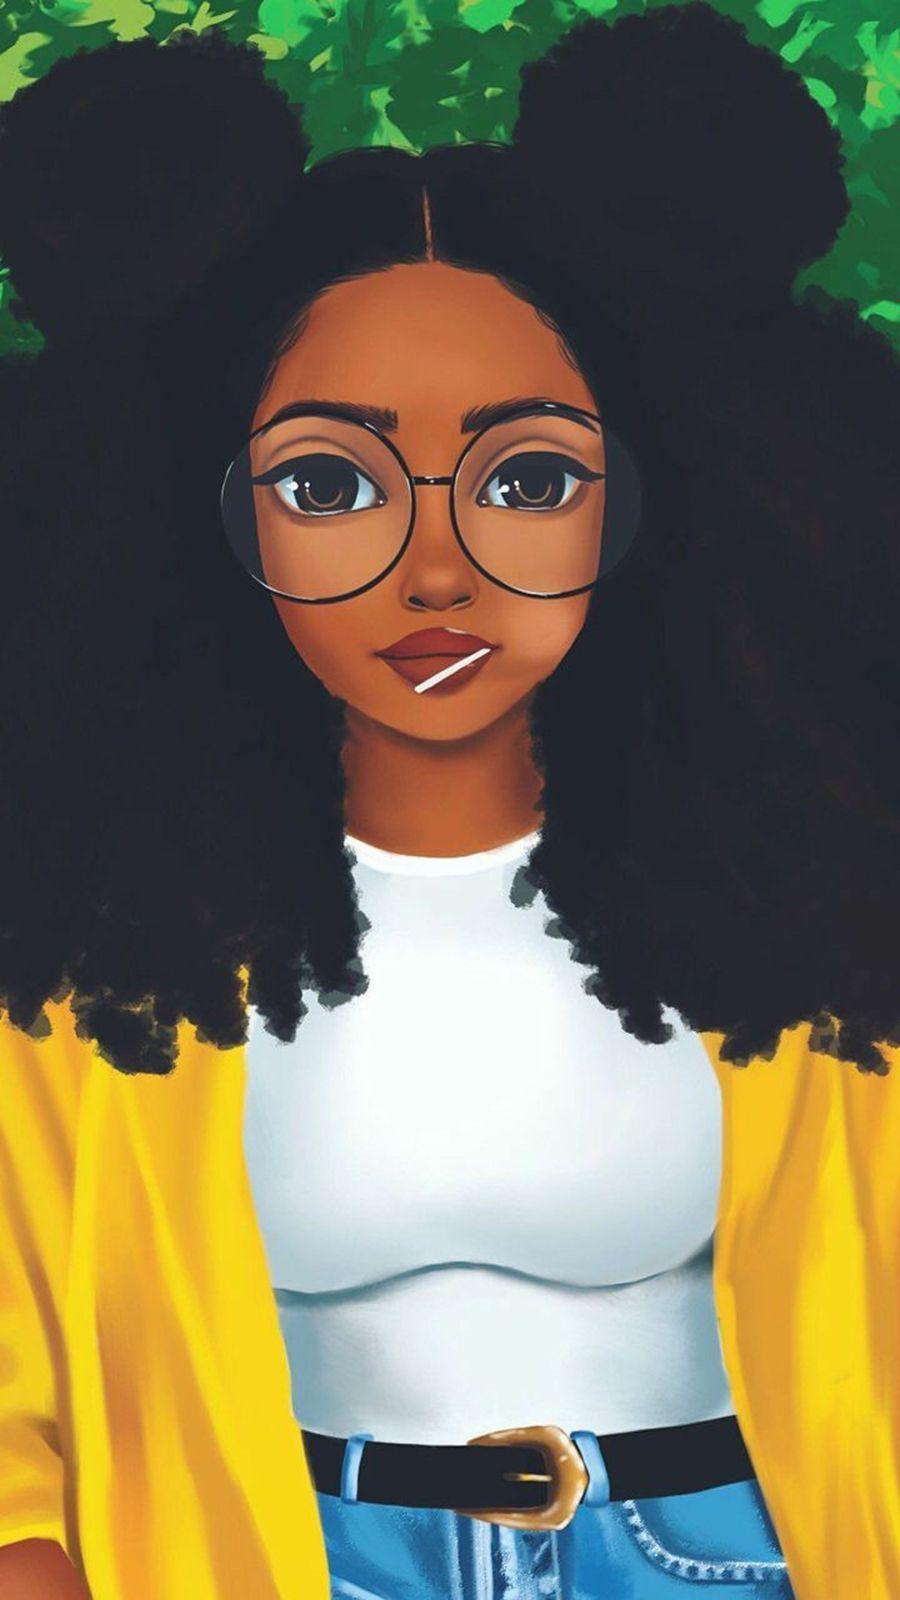 Free By Zedge 2020 Siyah Sanat Siyah Kadin Sanat Afro Sanat